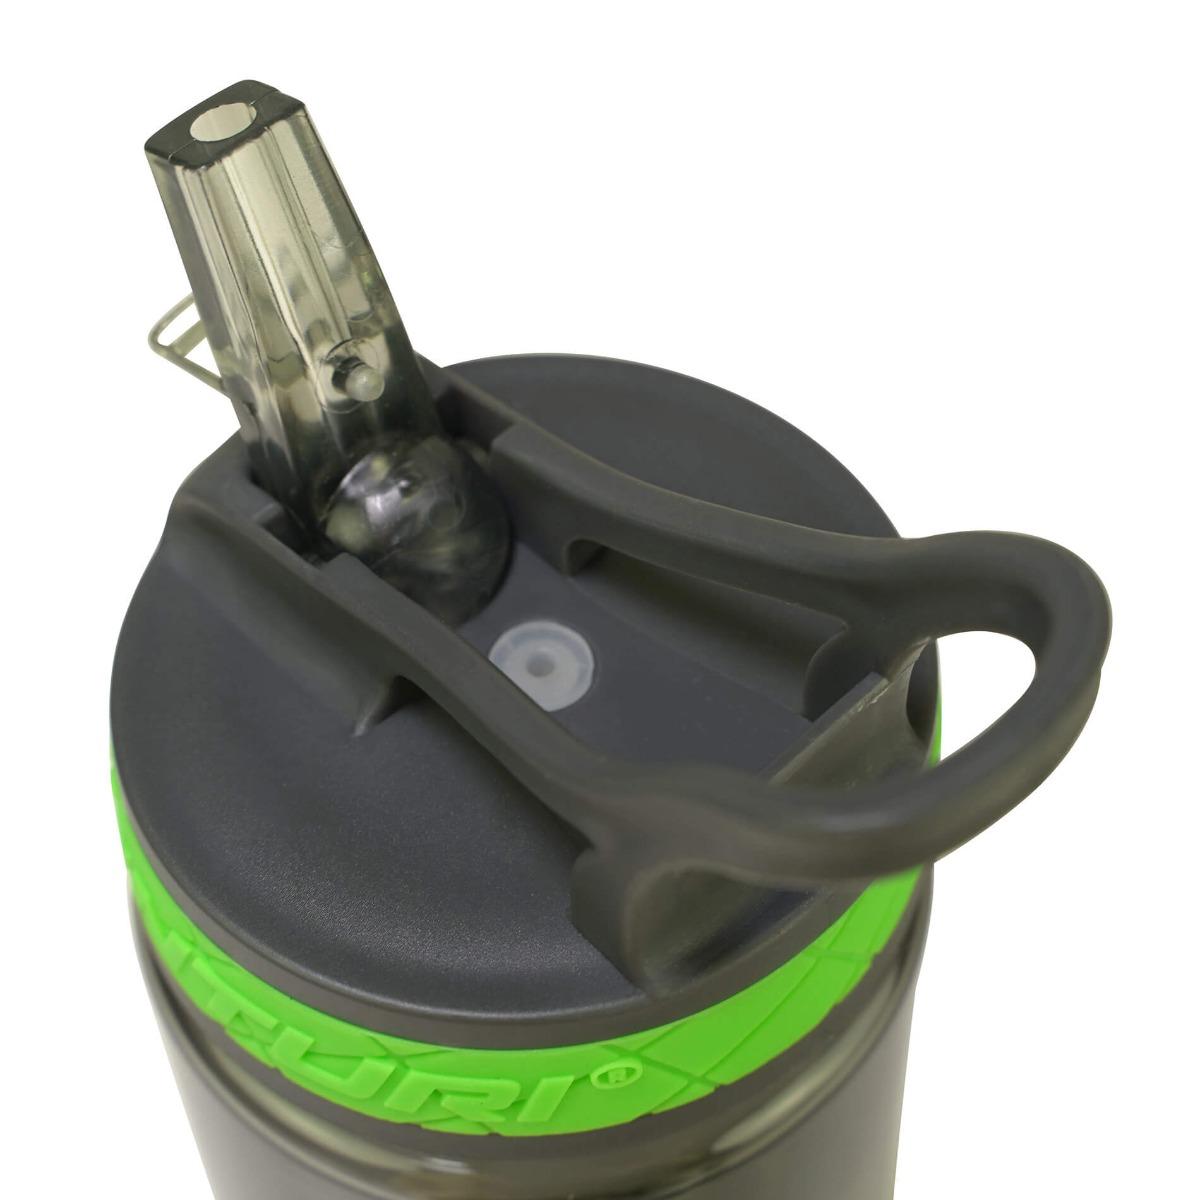 TUNTURI WATERFLES / BIDON DE LUXE – 600 ML MET DRINKTUIT – jokasport.nl